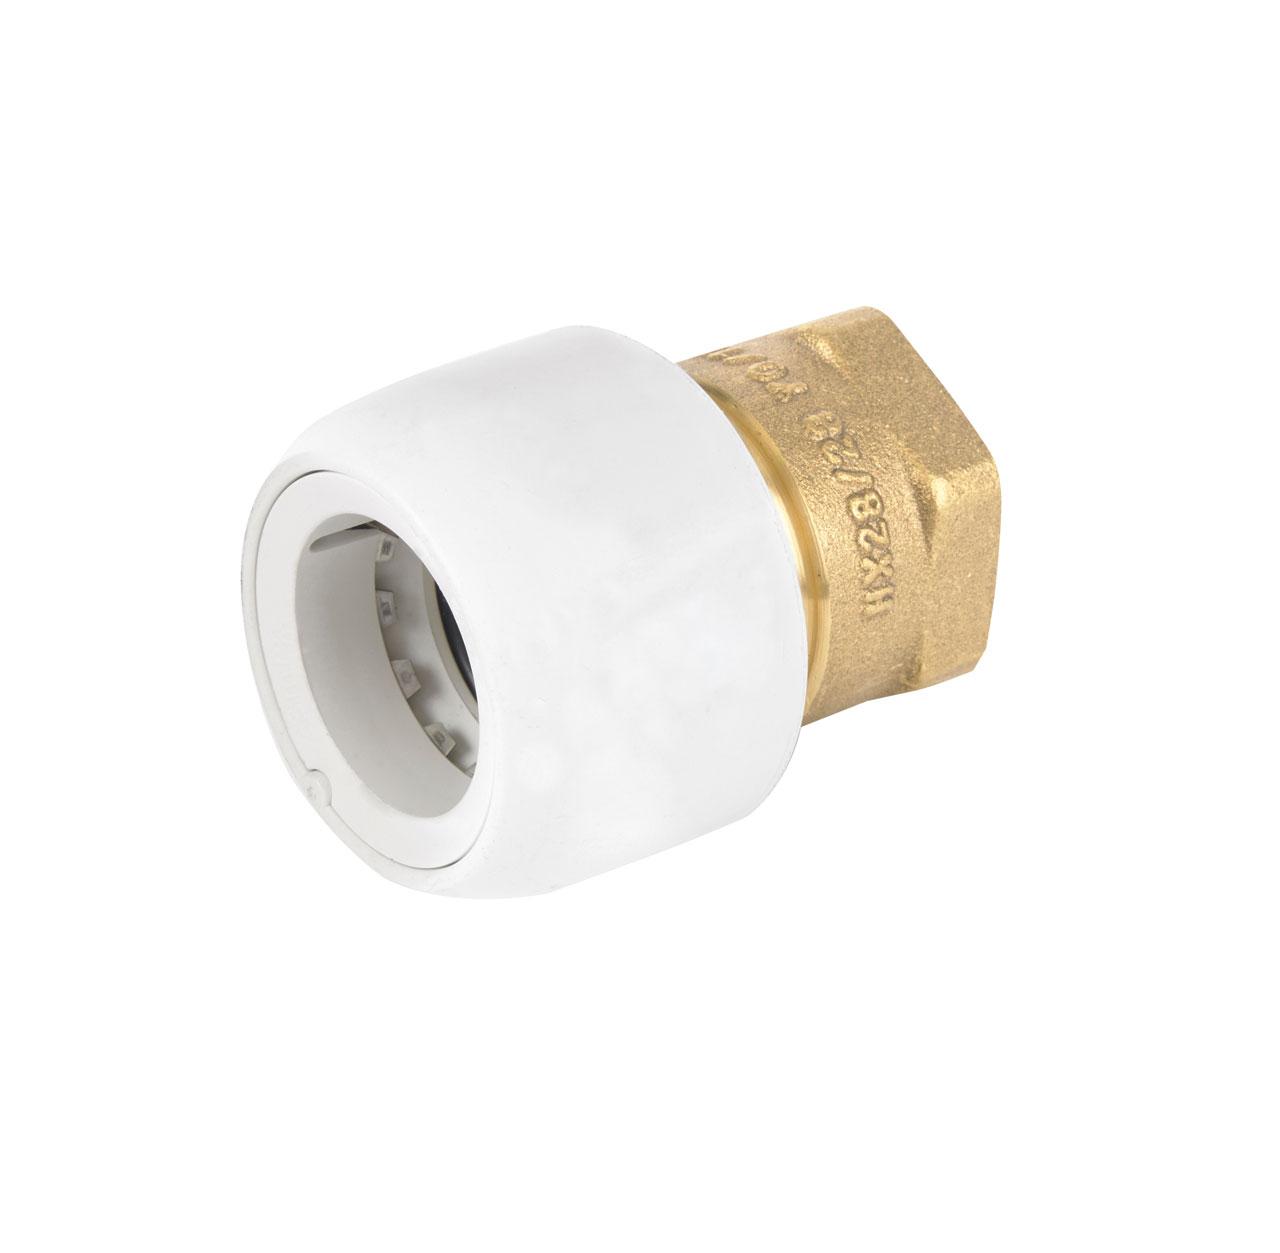 Adapt-Brass Female 3/4iBSP x 15mm Socket